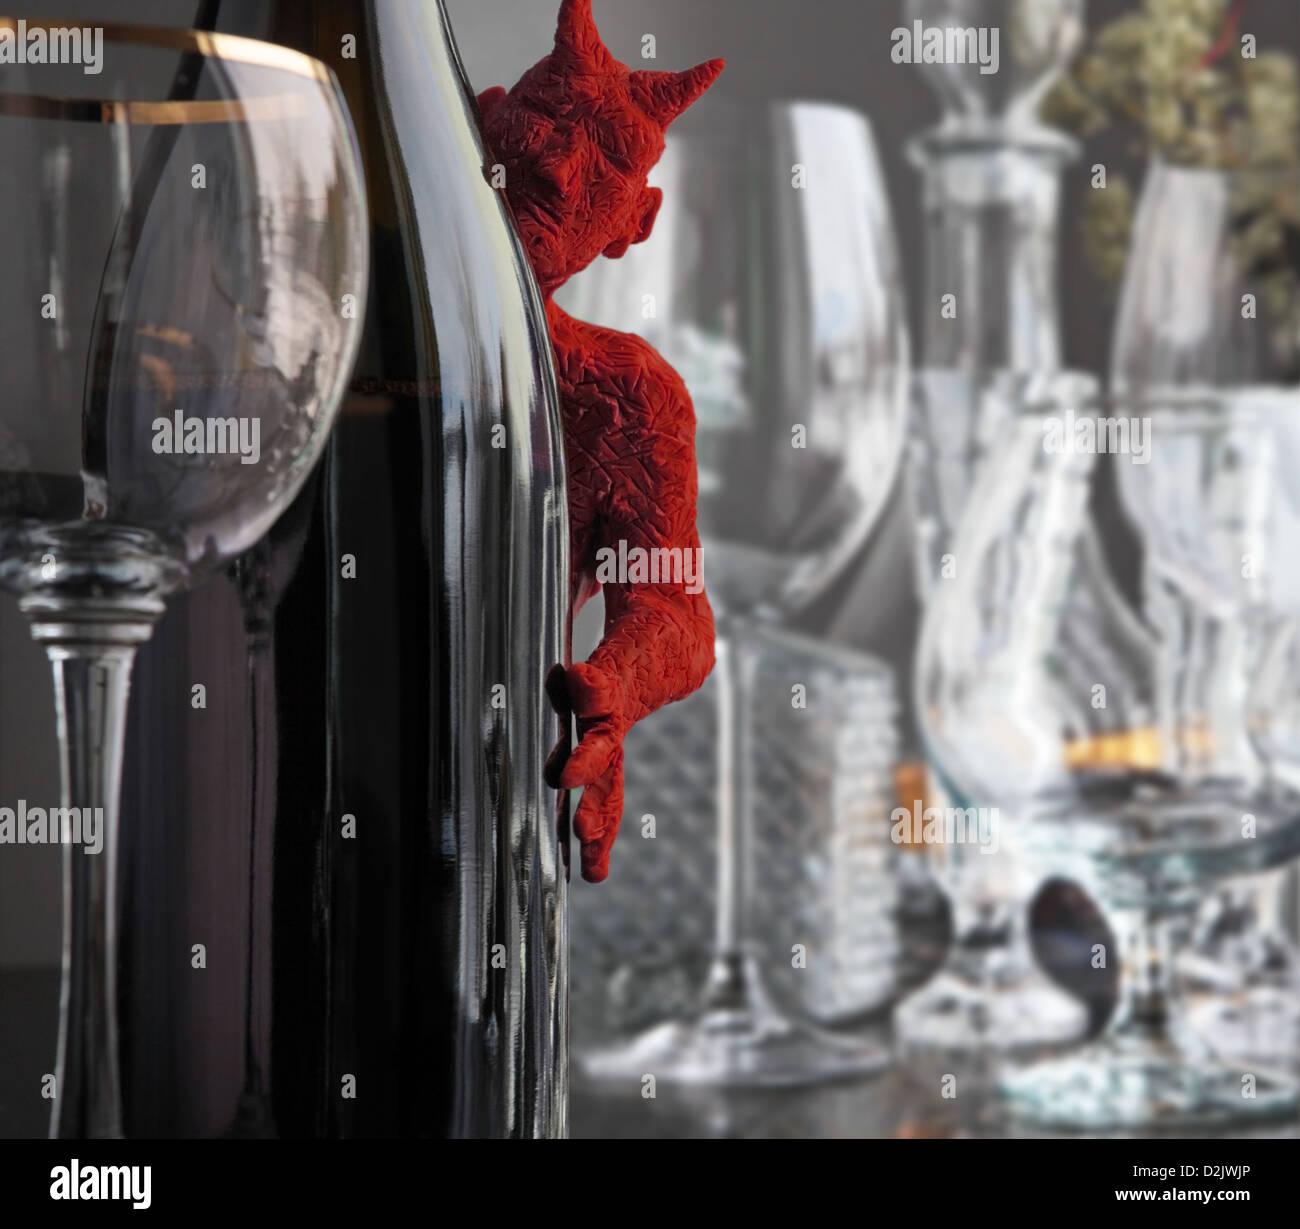 ein kleiner Roter Teufel späht heraus von hinten eine Flasche Wein. Einige Gläser sind auf den eingelegten Stockbild